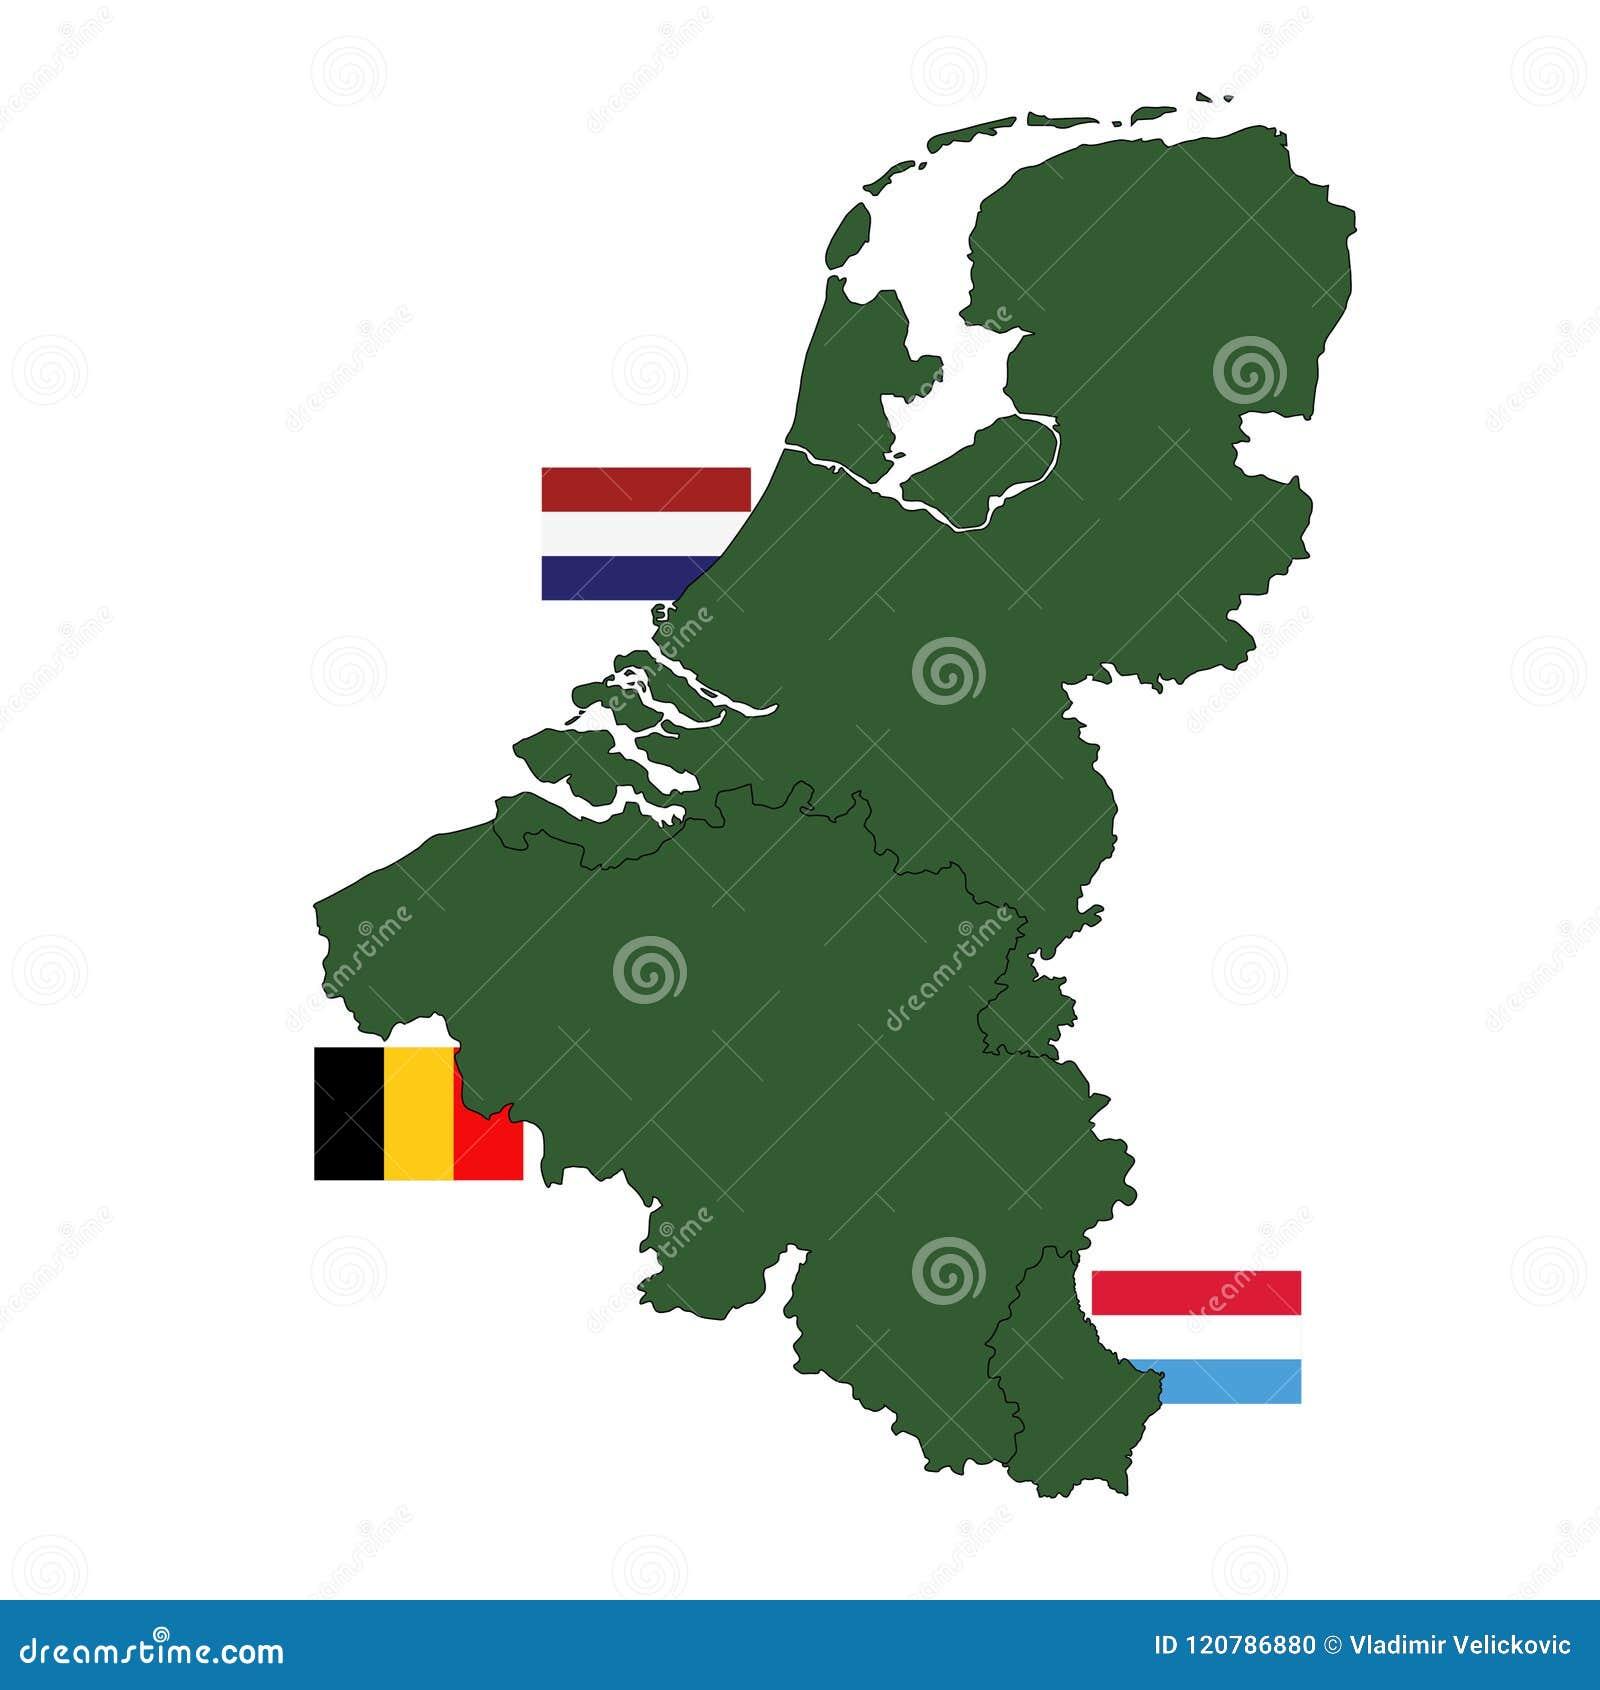 Mappa del benelux e bandiere tre stati in europa - Mappa di ungheria ed europa ...